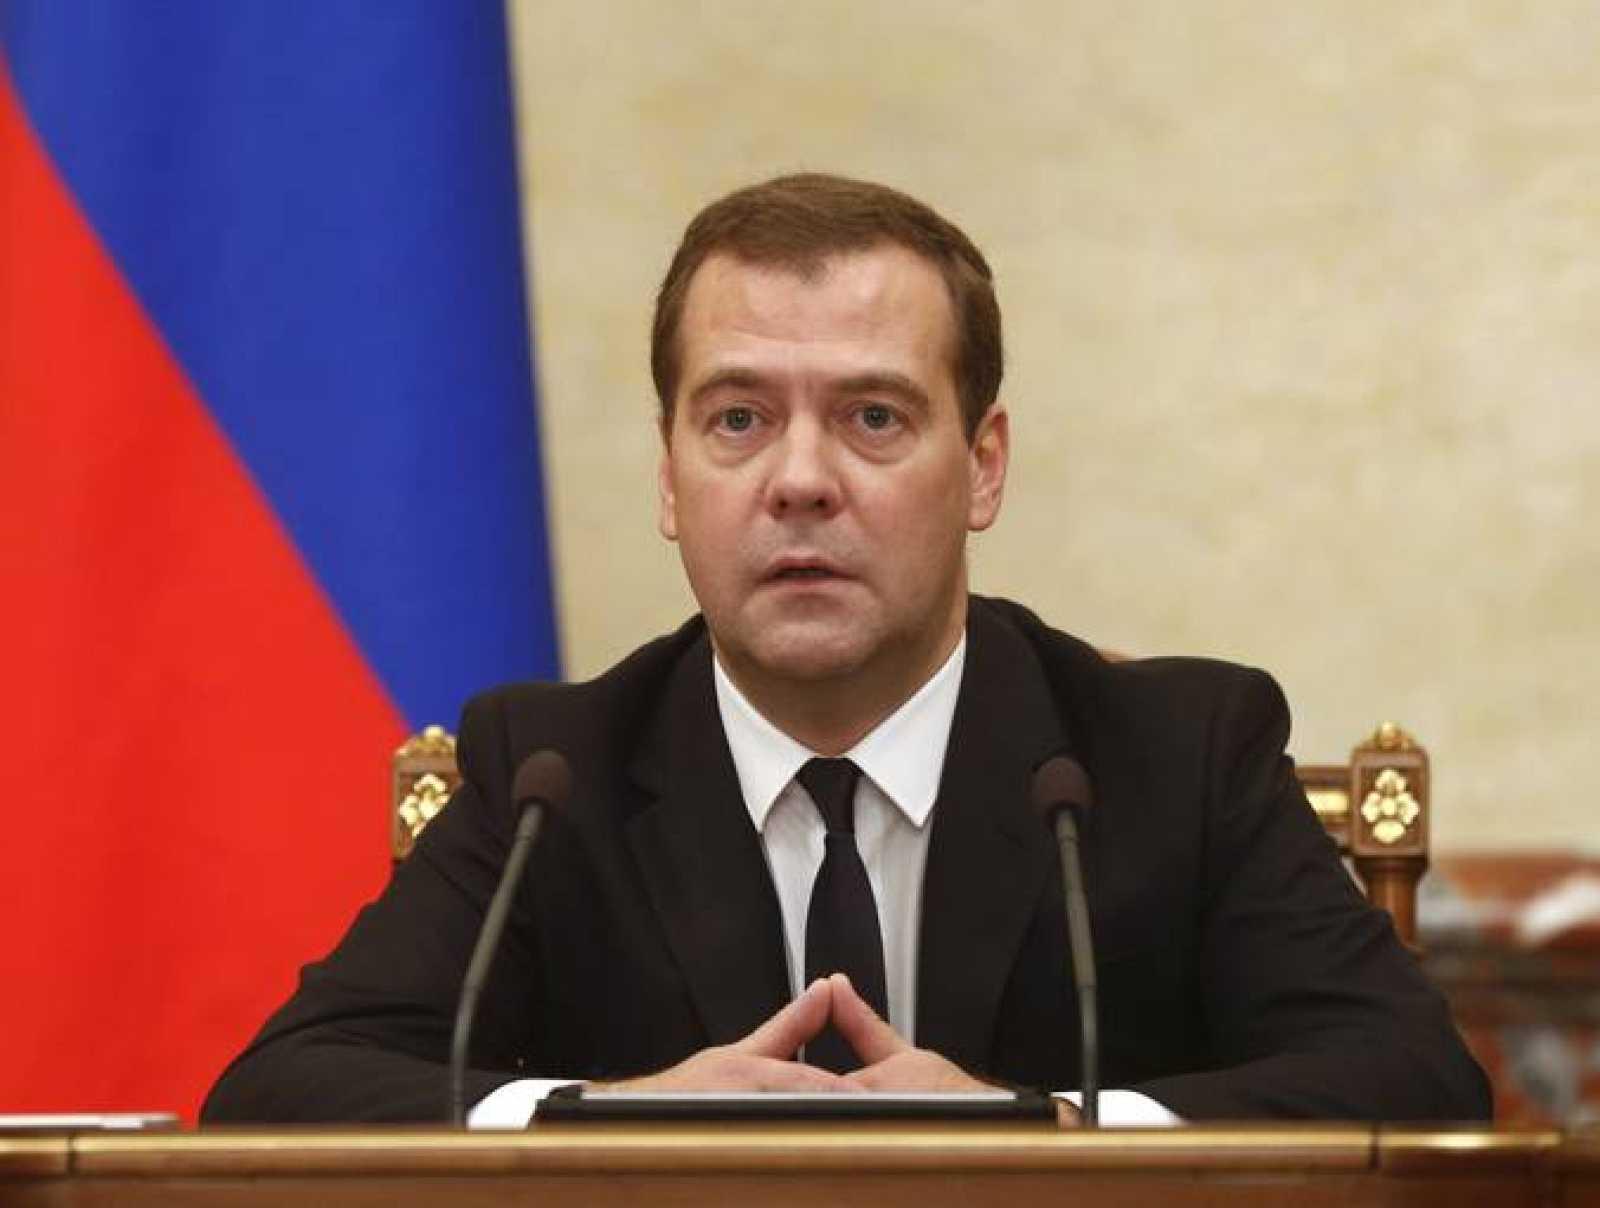 El primer ministro ruso, Dimitri Medvedev, durante la reunión de su Gobierno en Moscú